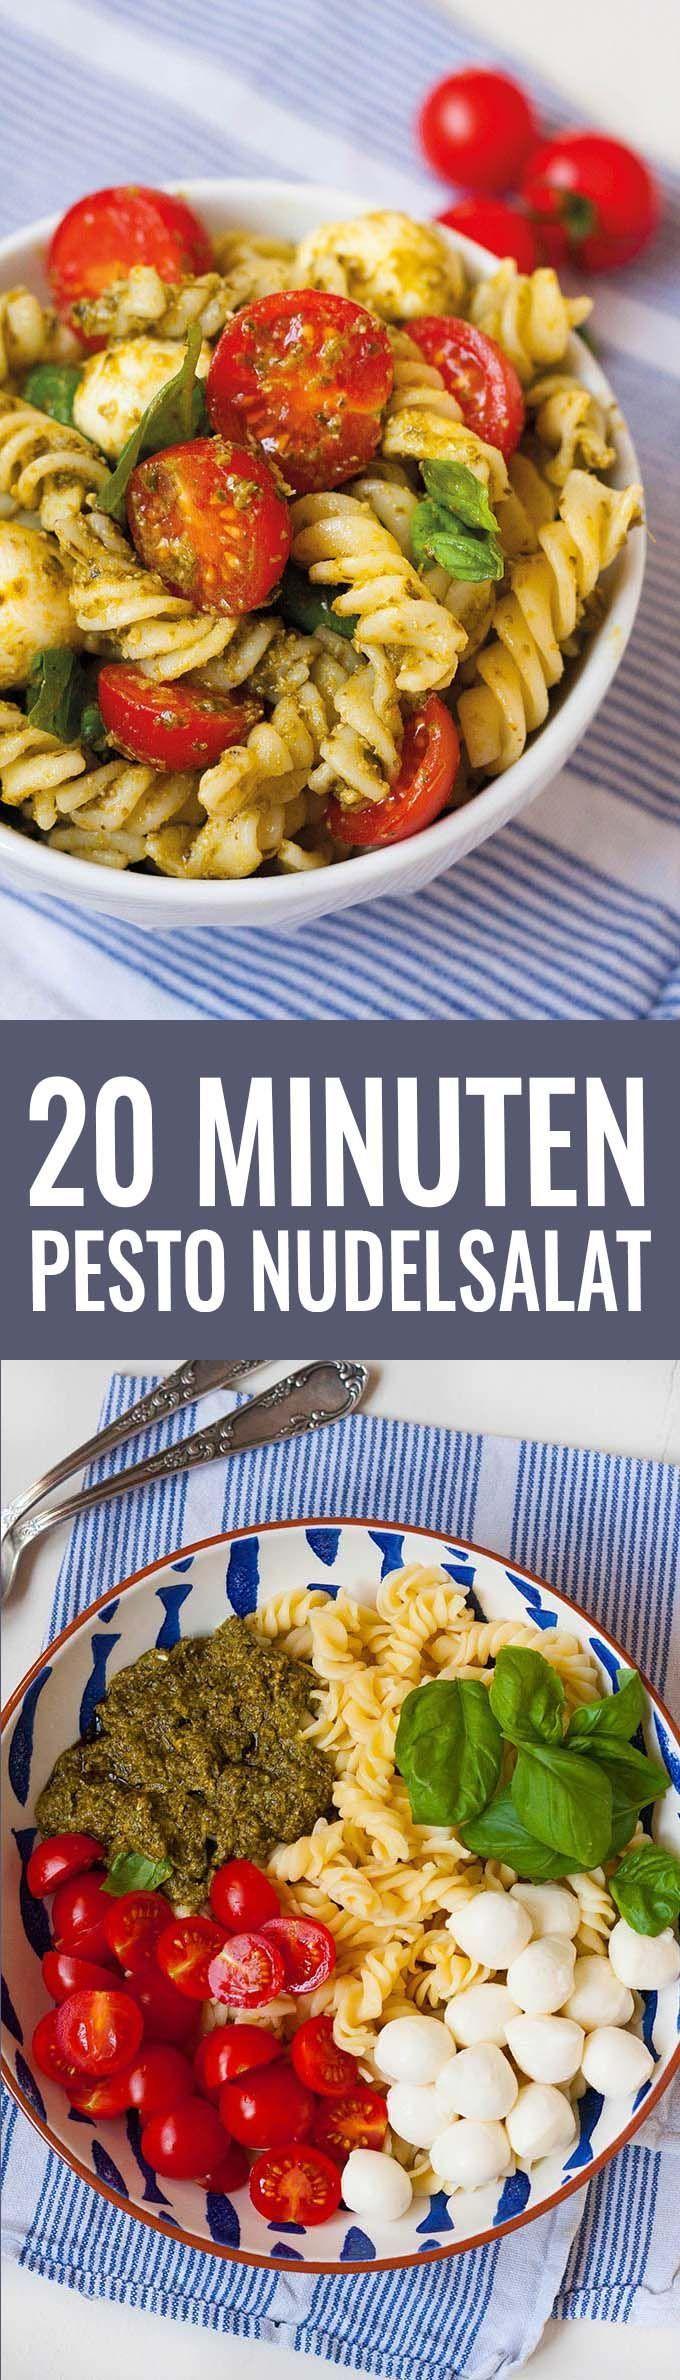 20minütiger Nudelsalat mit Pesto Tomaten und Mozzarella  Essen